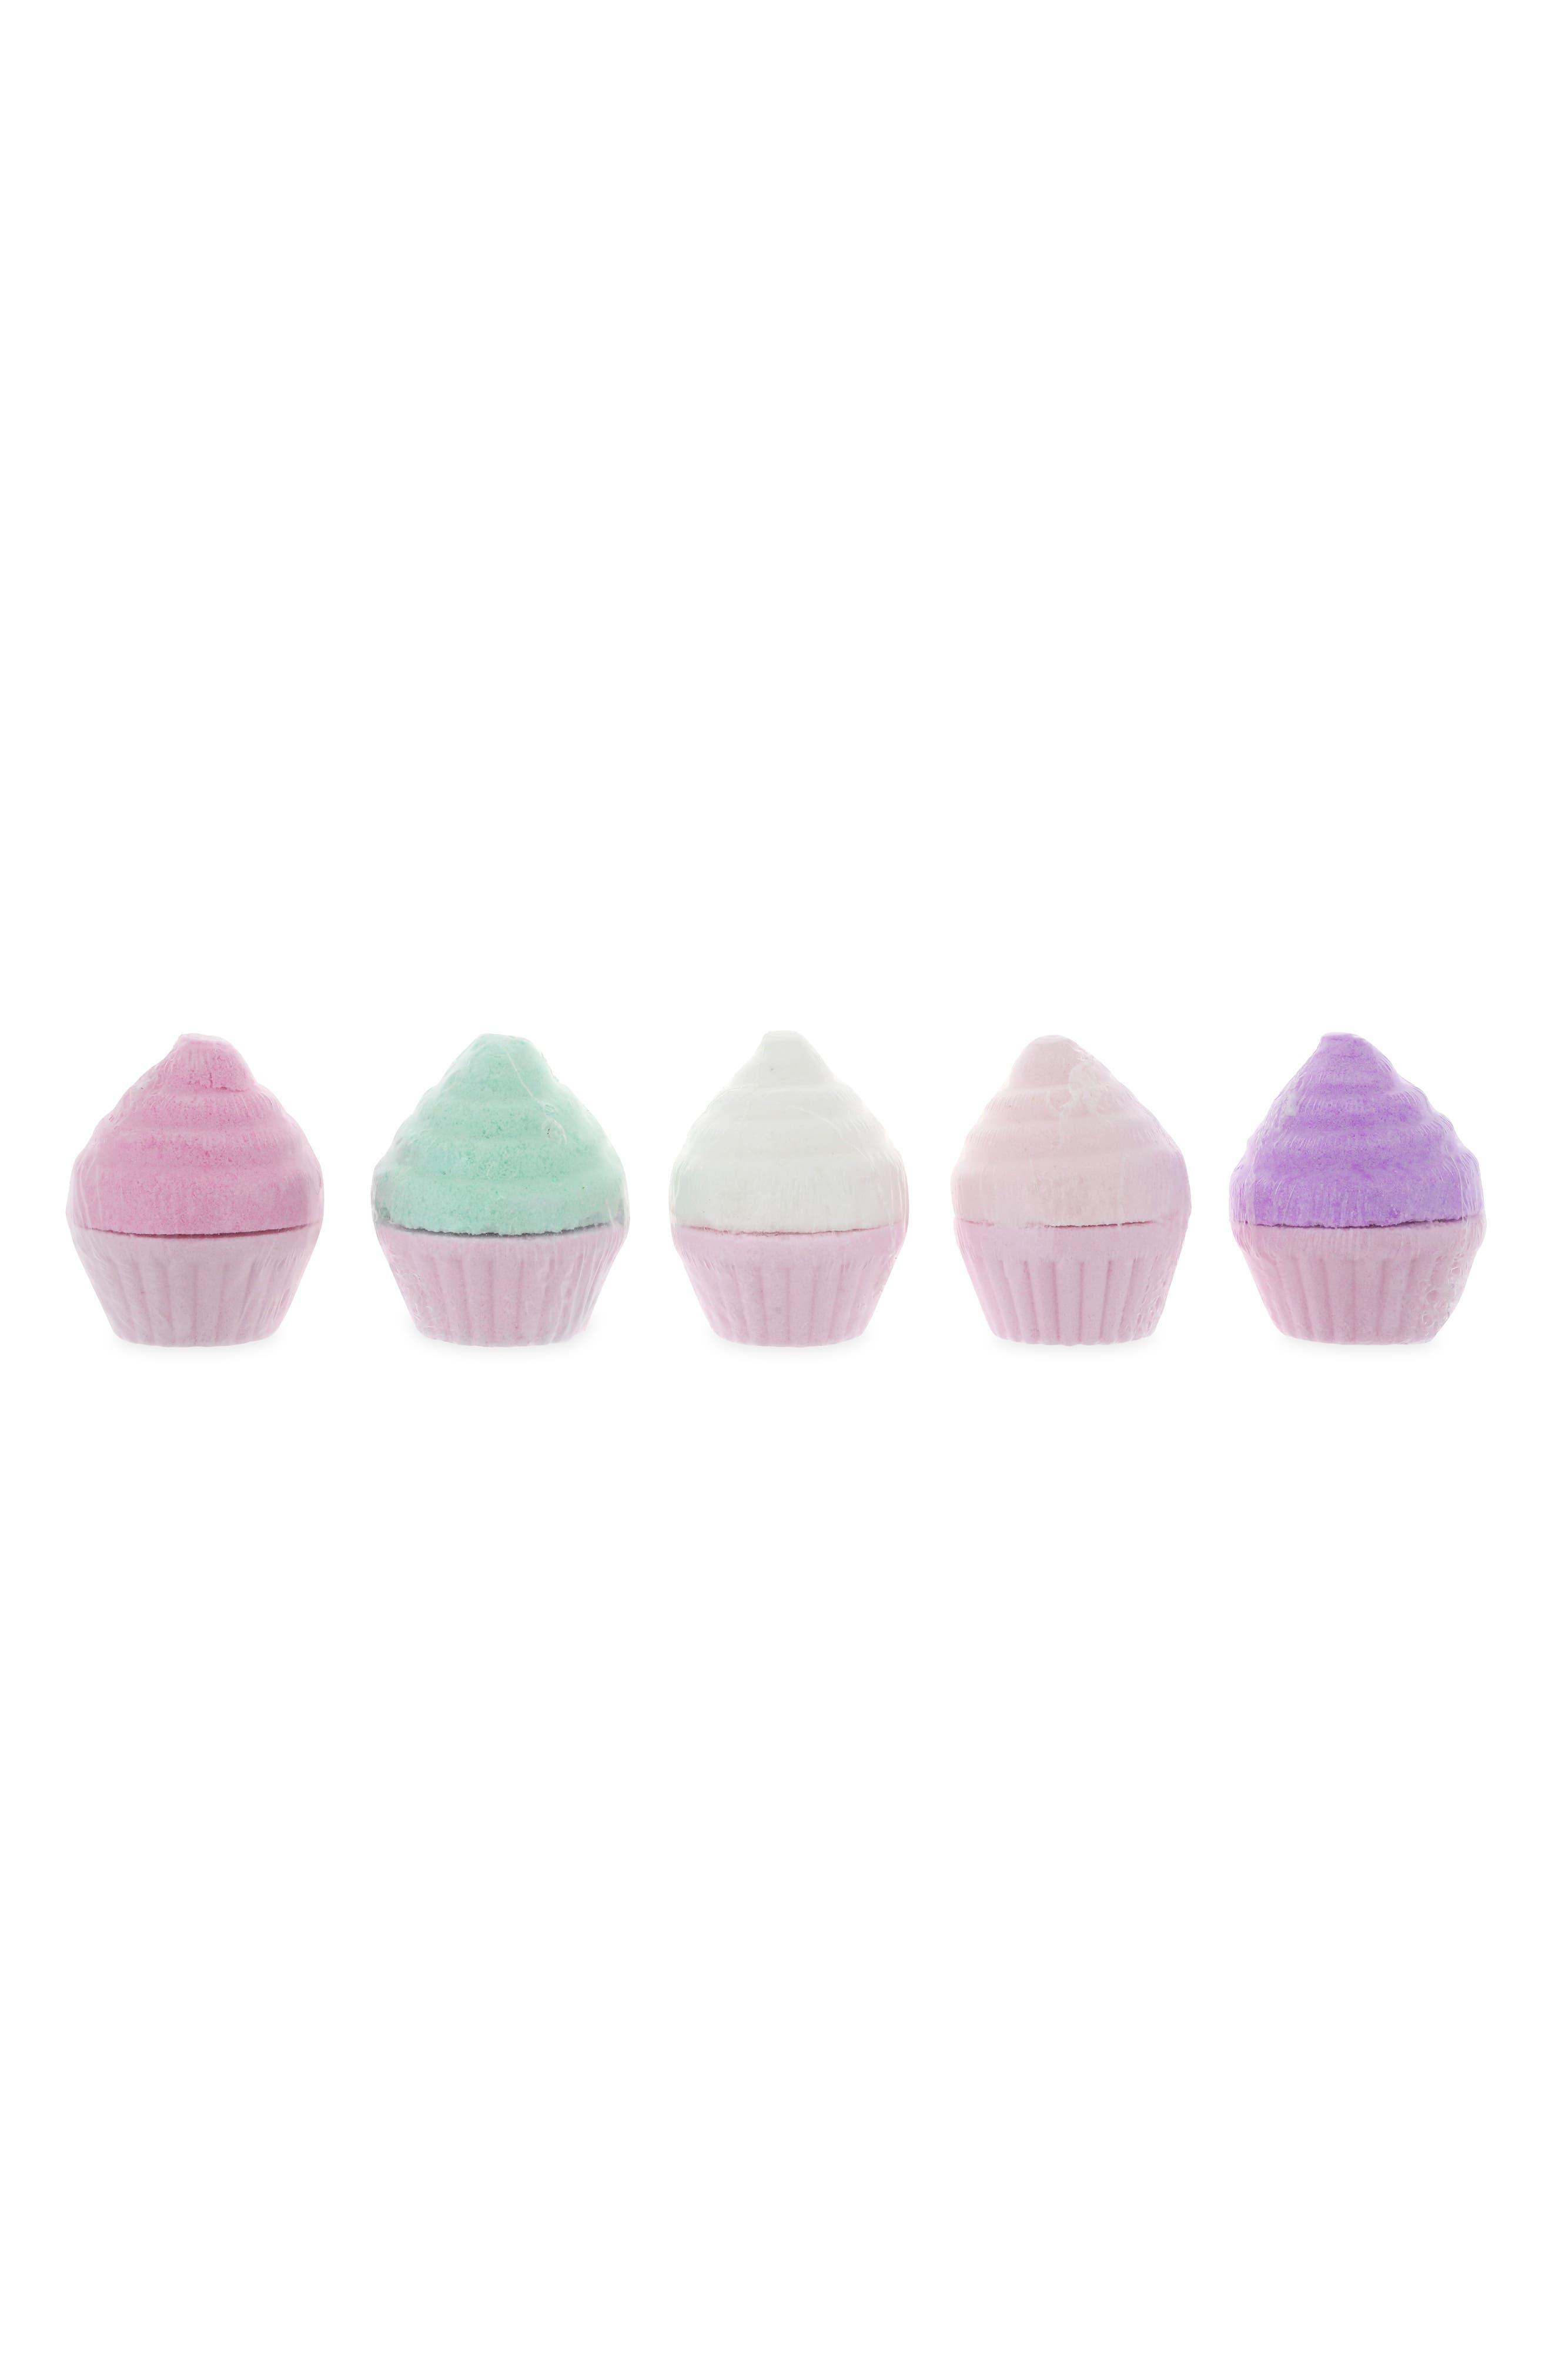 5-Piece Cupcake Bath Fizzies Set,                             Alternate thumbnail 2, color,                             650